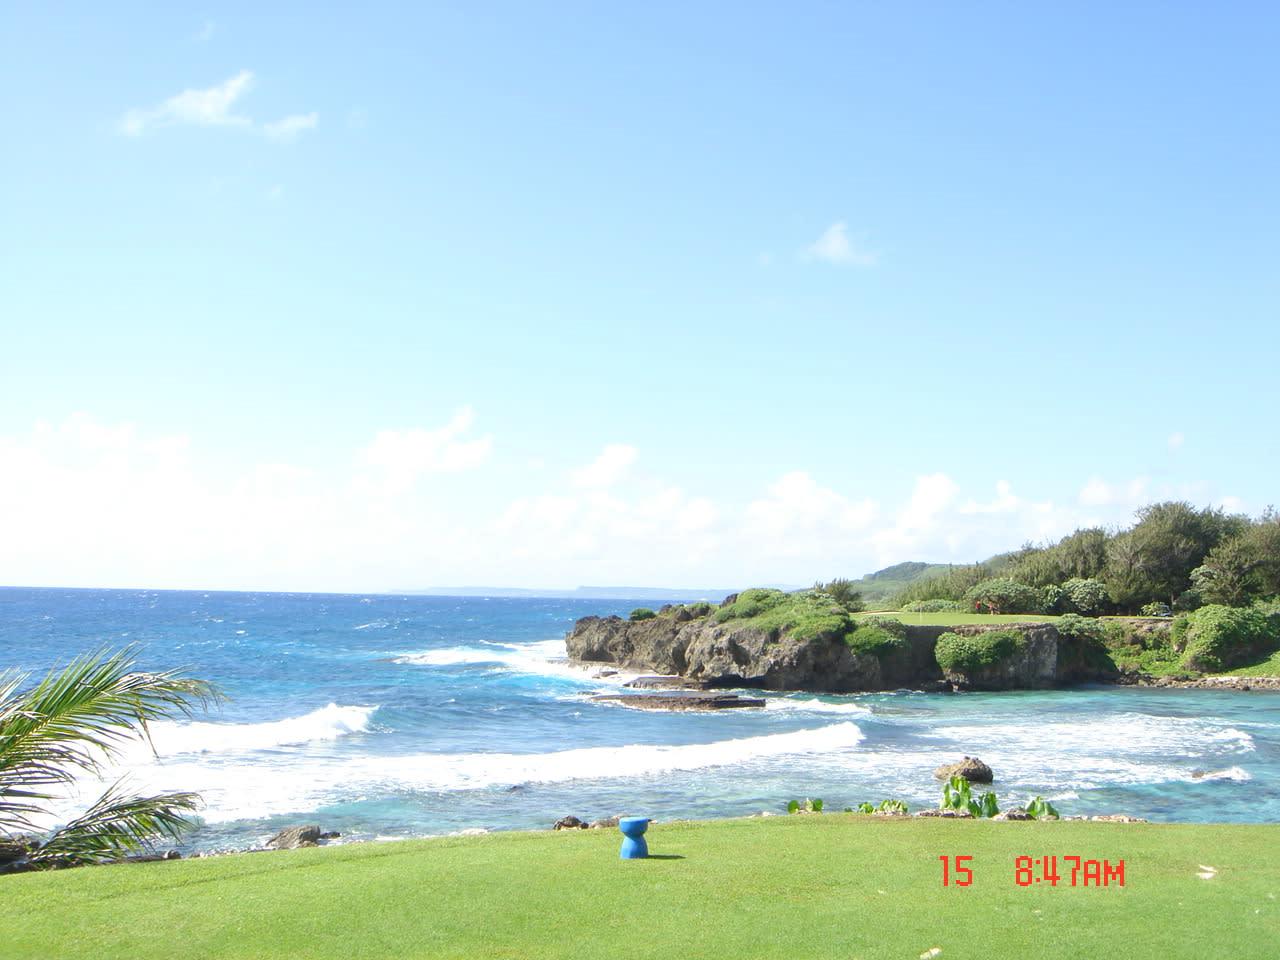 ビックリするくらい、綺麗なゴルフ場です・・・ 景色を見ているだけでも、... グアムの最高ゴルフ